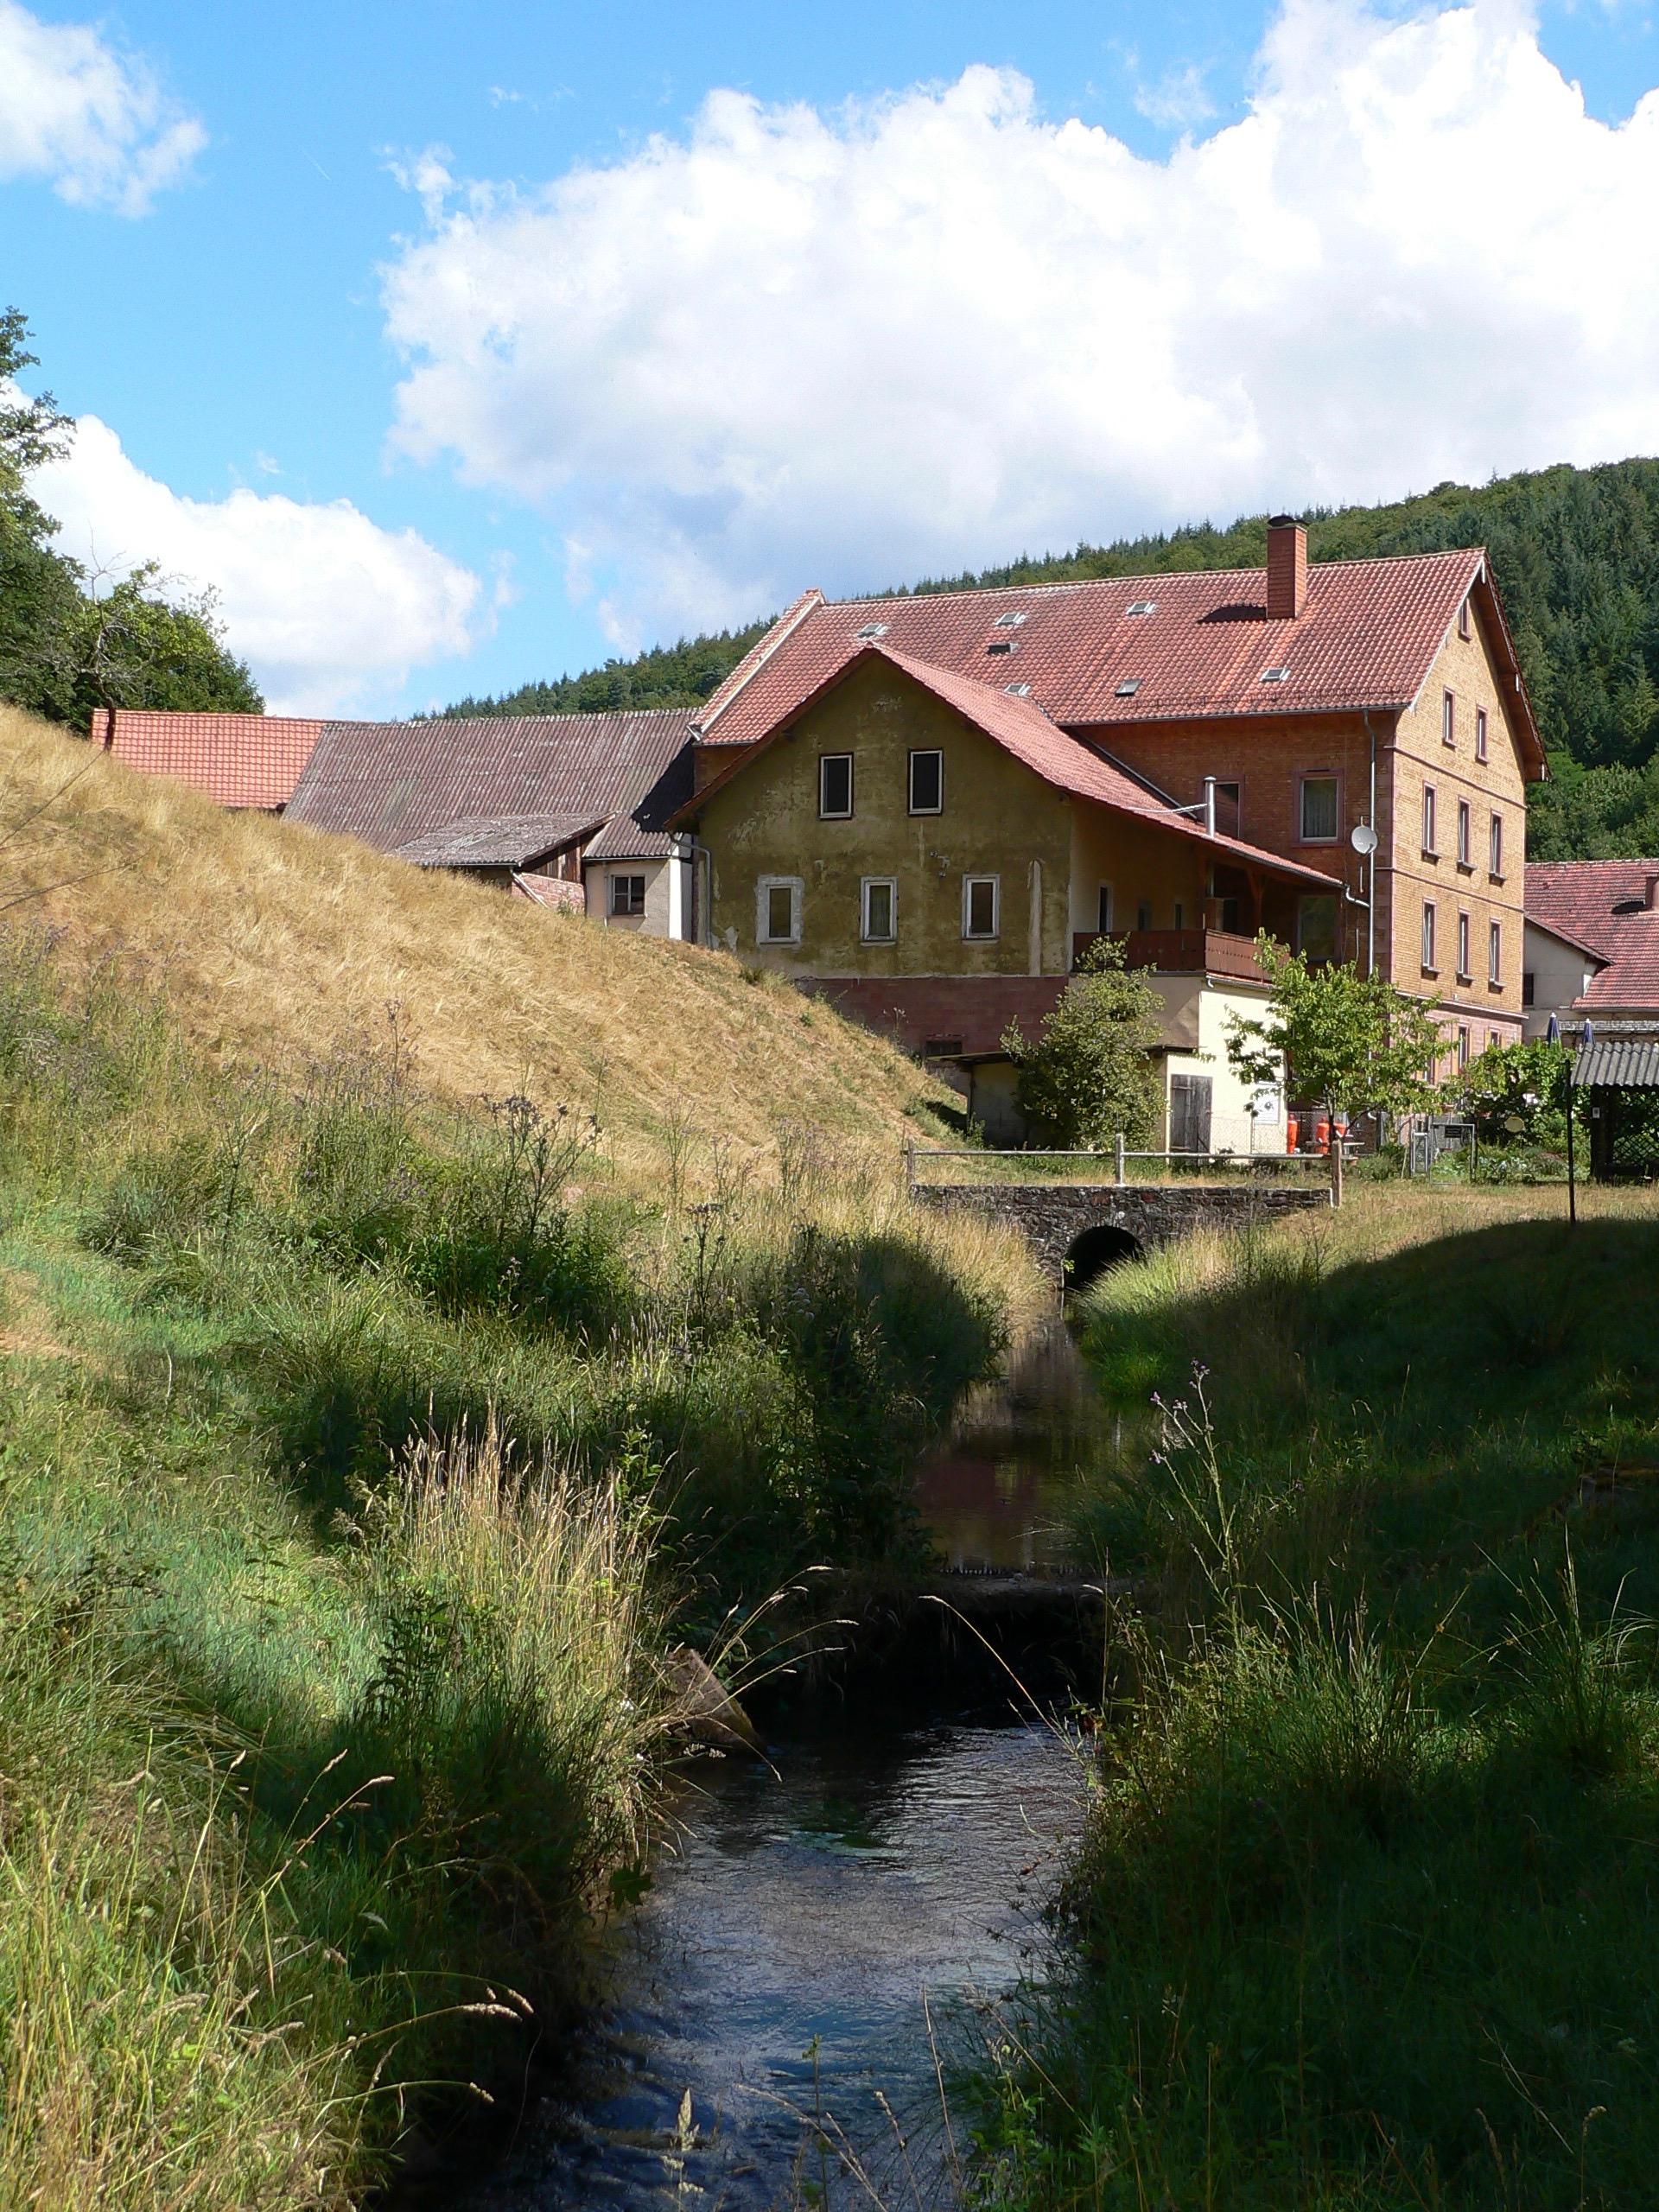 Die Schreckemühle ist die letzte Mühle an der Mühlenstraße im Haseltal, wo tatsächlich noch Getreide zu Mehl gemahlen wird. Man kann es dort auch kaufen, doch hat der Laden keine festen Öffnungszeiten. | Foto: B. Schneider